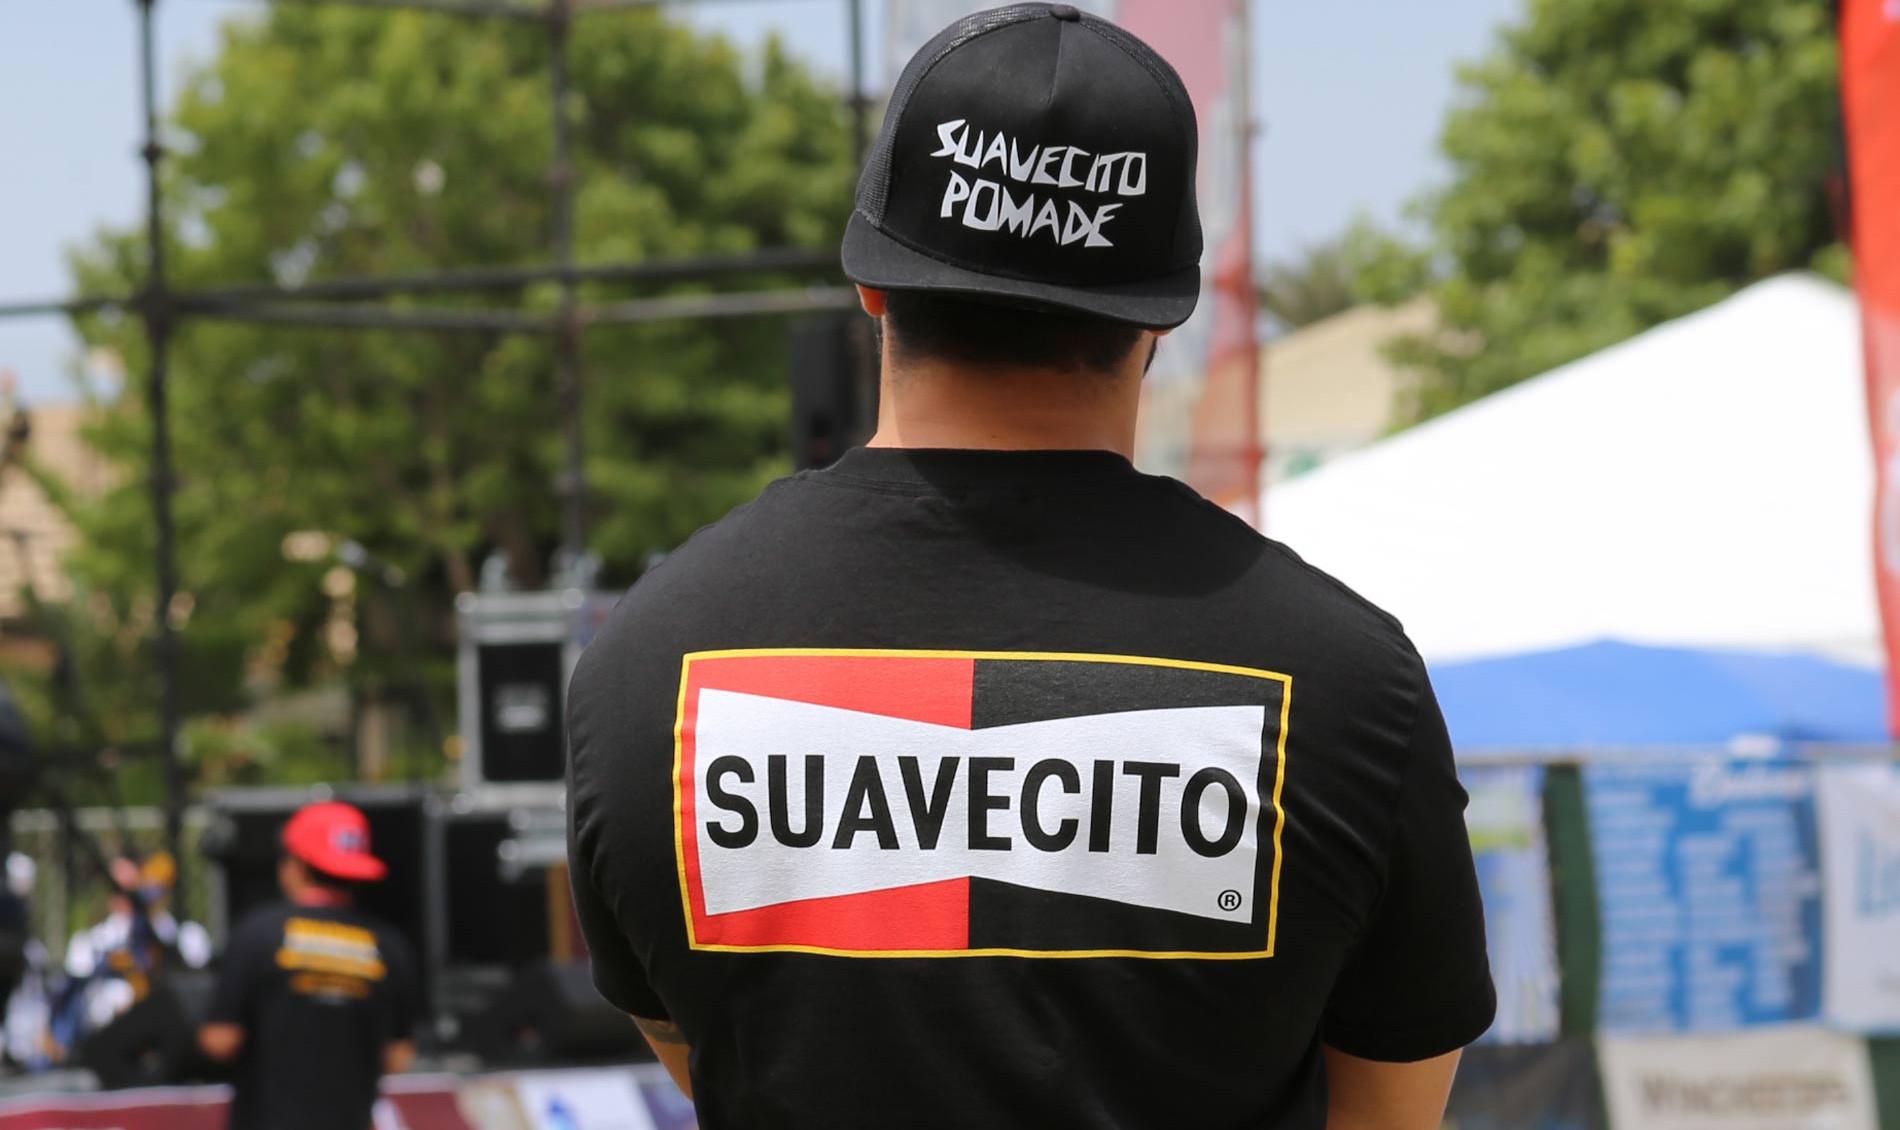 Suavecito-Pomade-Mens-Apparel_92b6ef9a-c140-44d0-98a2-088c48d7b2d8_2048x2048.jpg